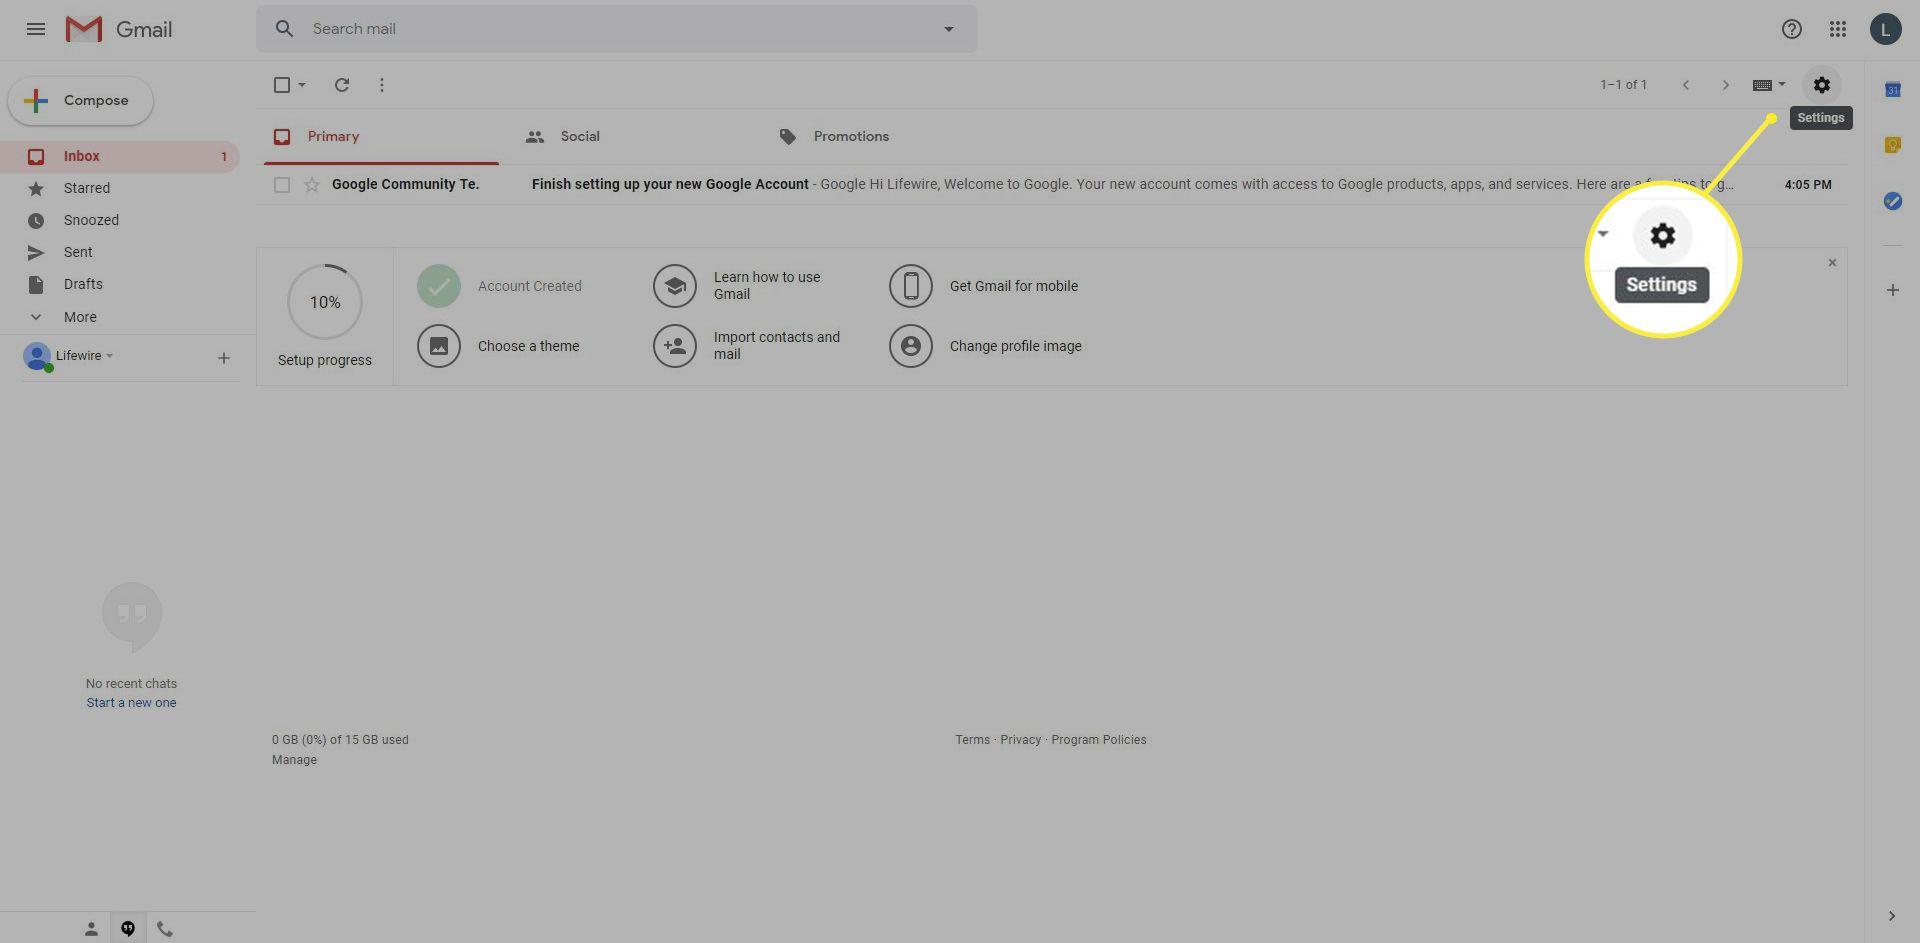 Gmail Settings gear